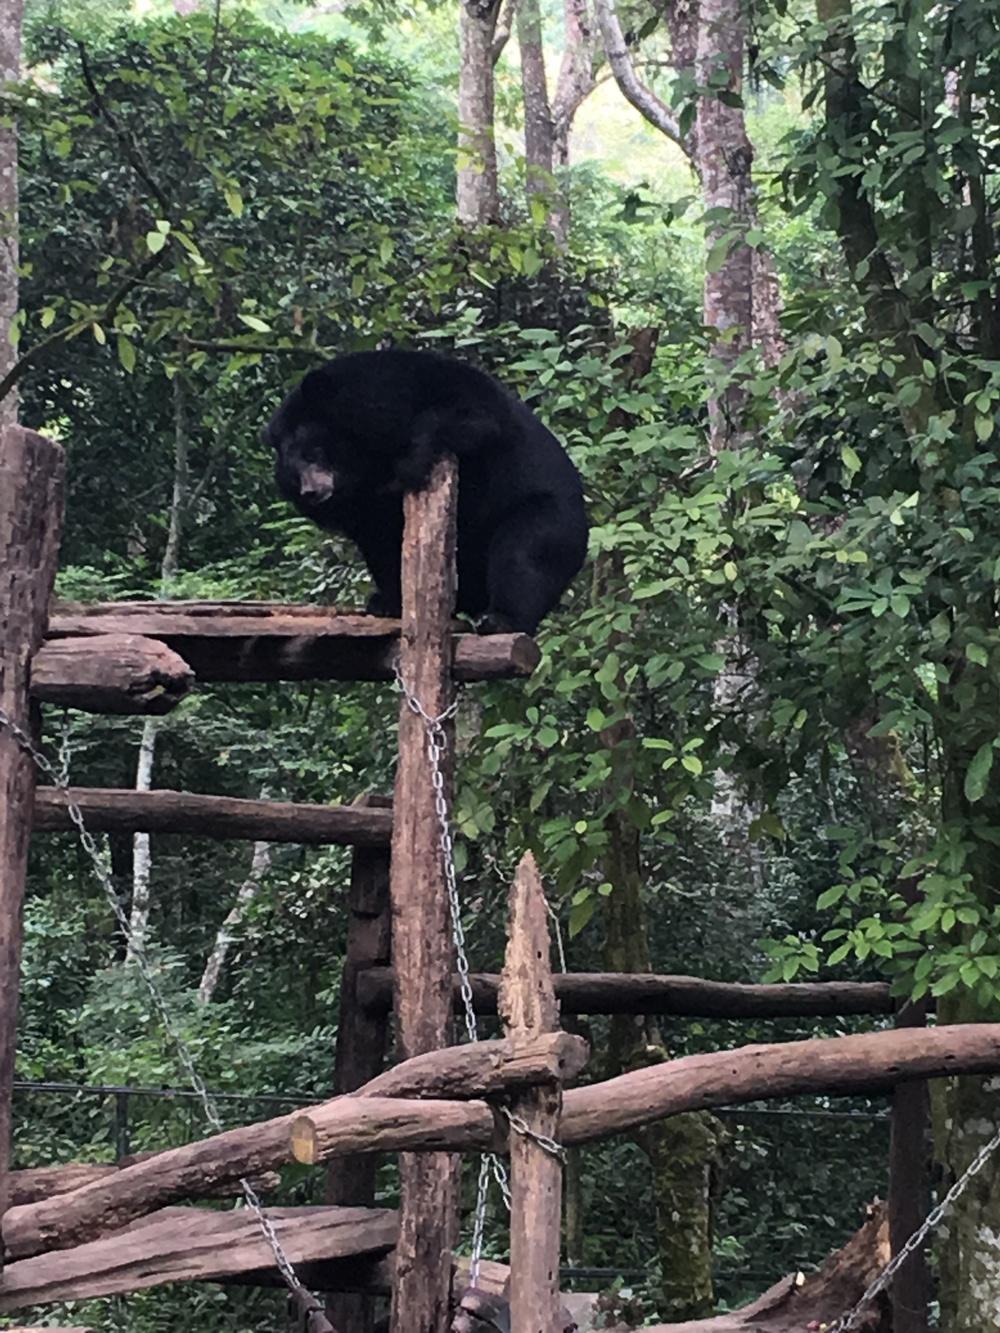 Moon Bear at Tat Kuang Si waterfall